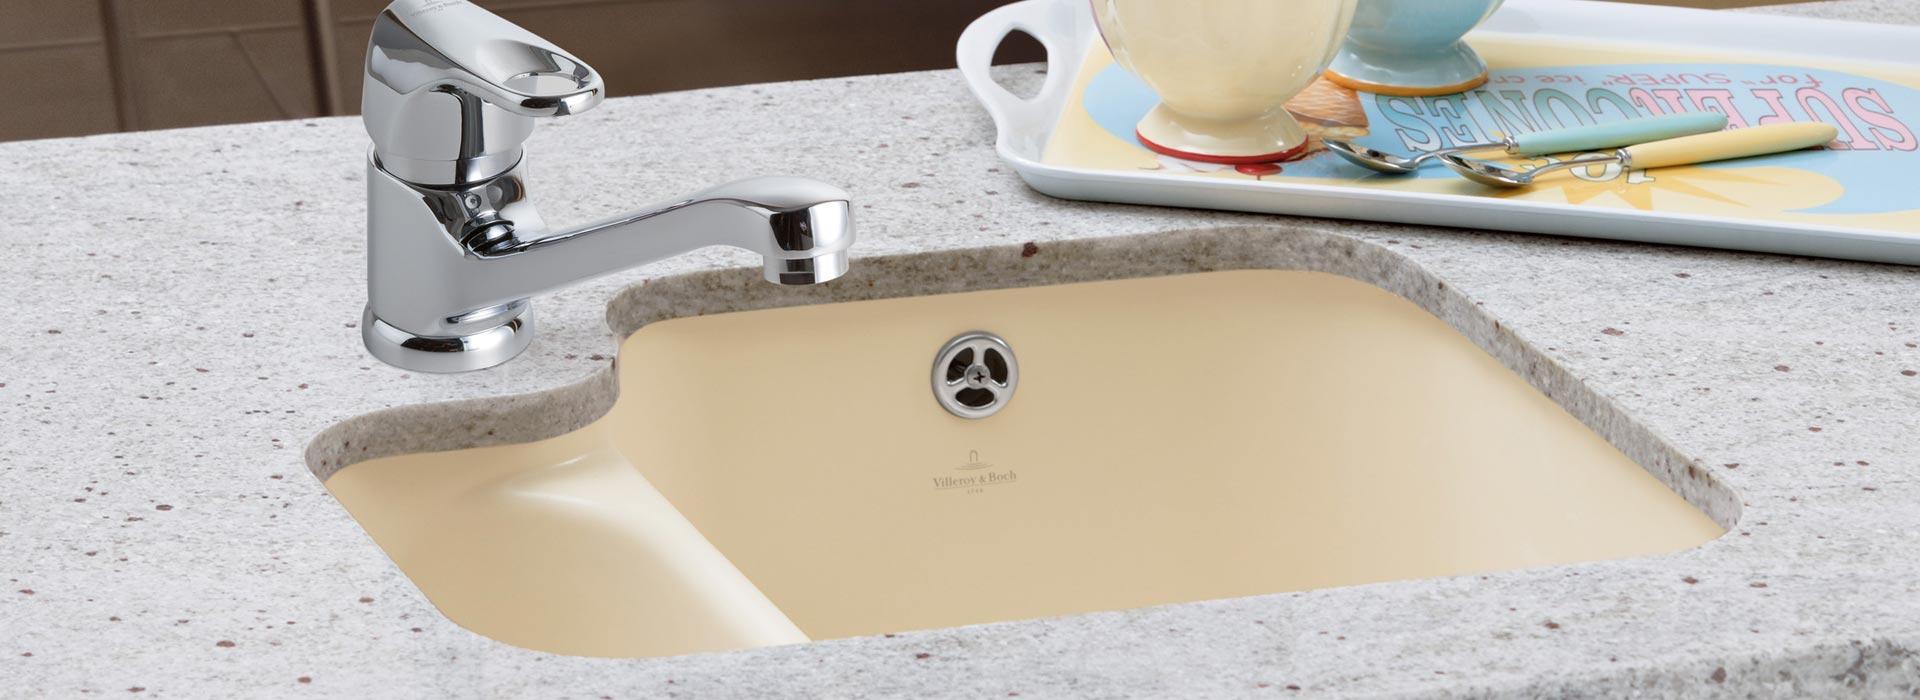 Unterbauspüle in Premium-Qualität von Villeroy & Boch